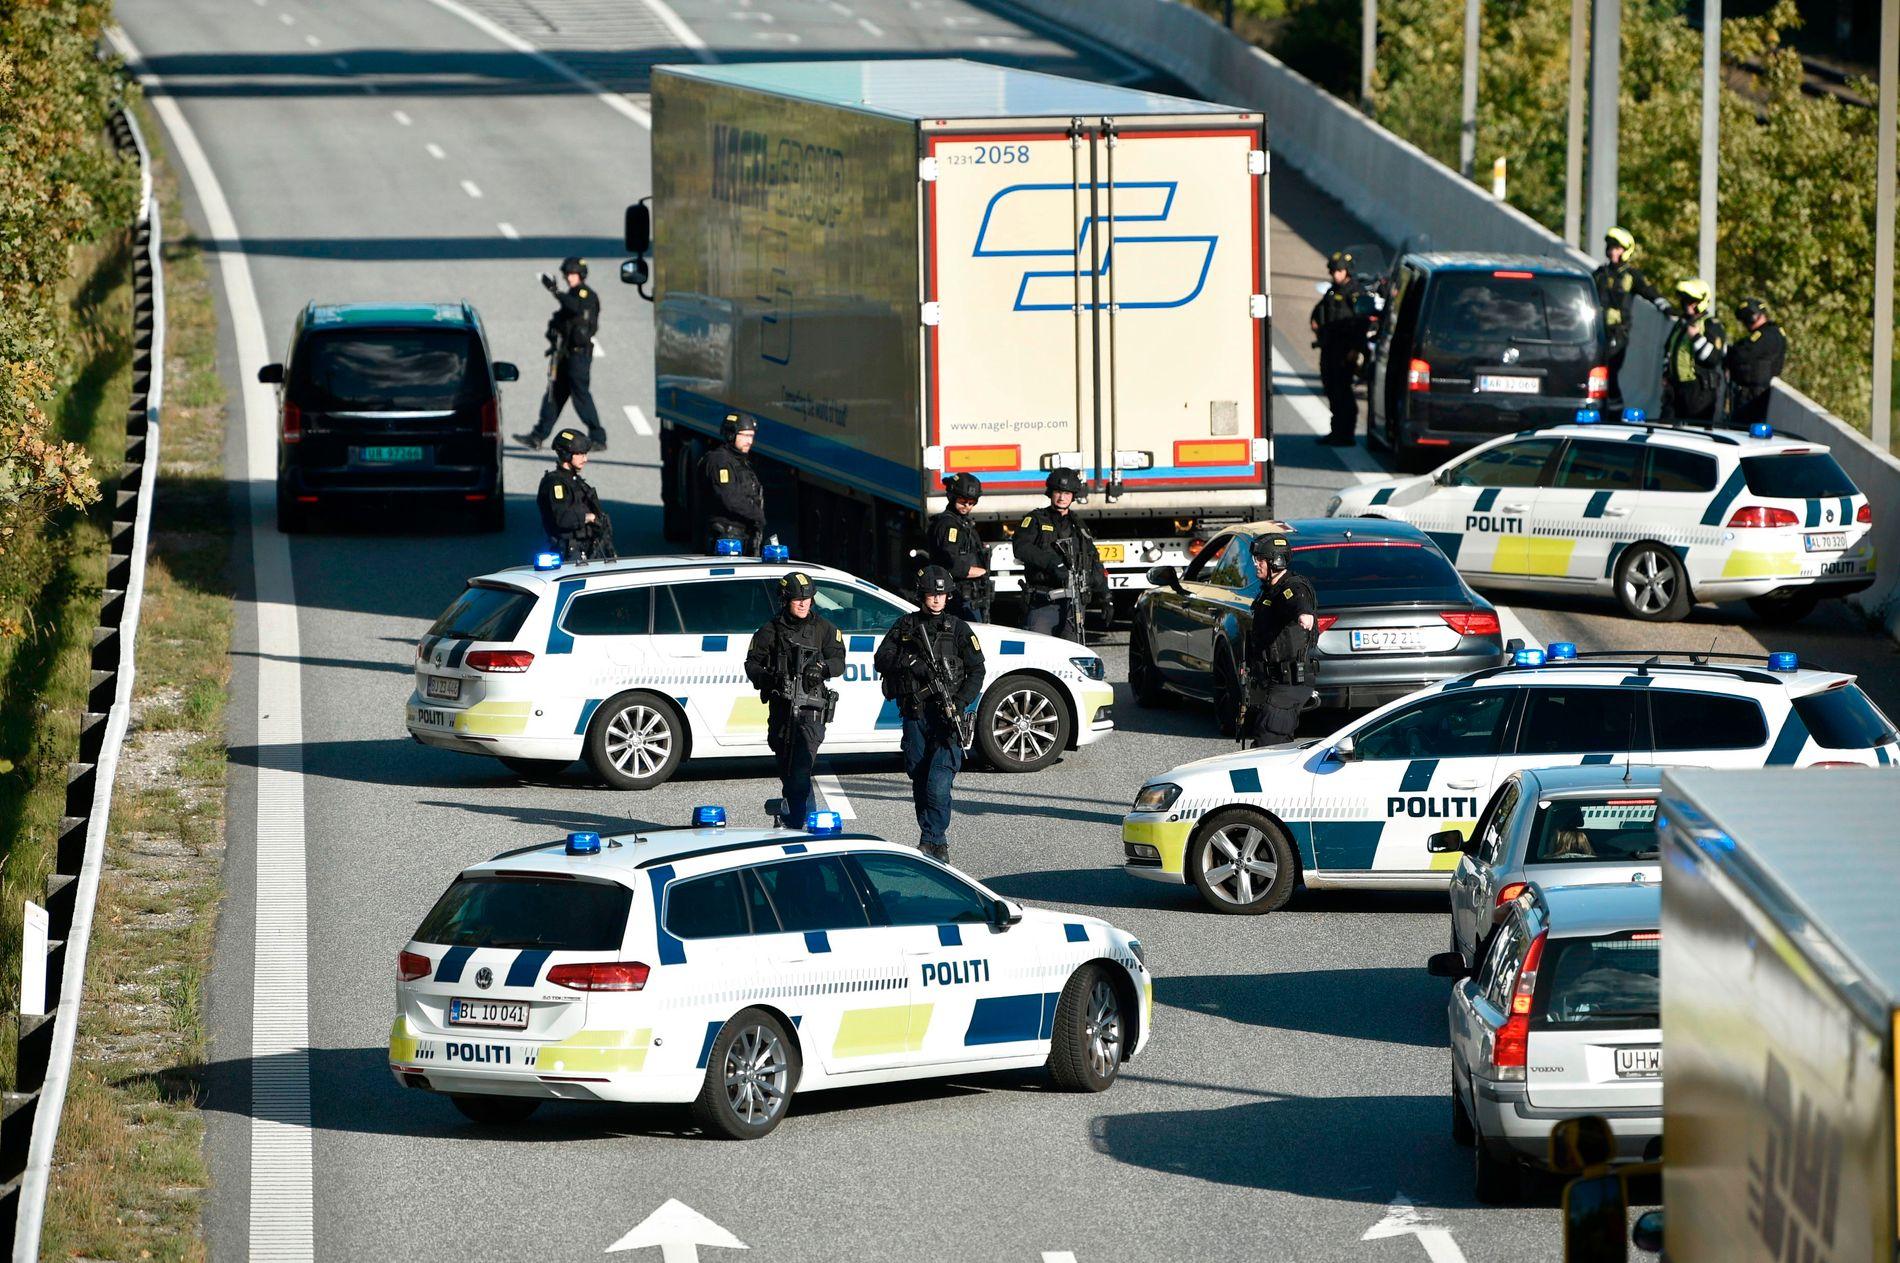 SPERRET: Den danske sikkerhetstjenesten fryktet et attentat mot iranske opposisjonelle i Danmark 28. september 2018 og satte opp en rekke veisperringer rundt om i landet.